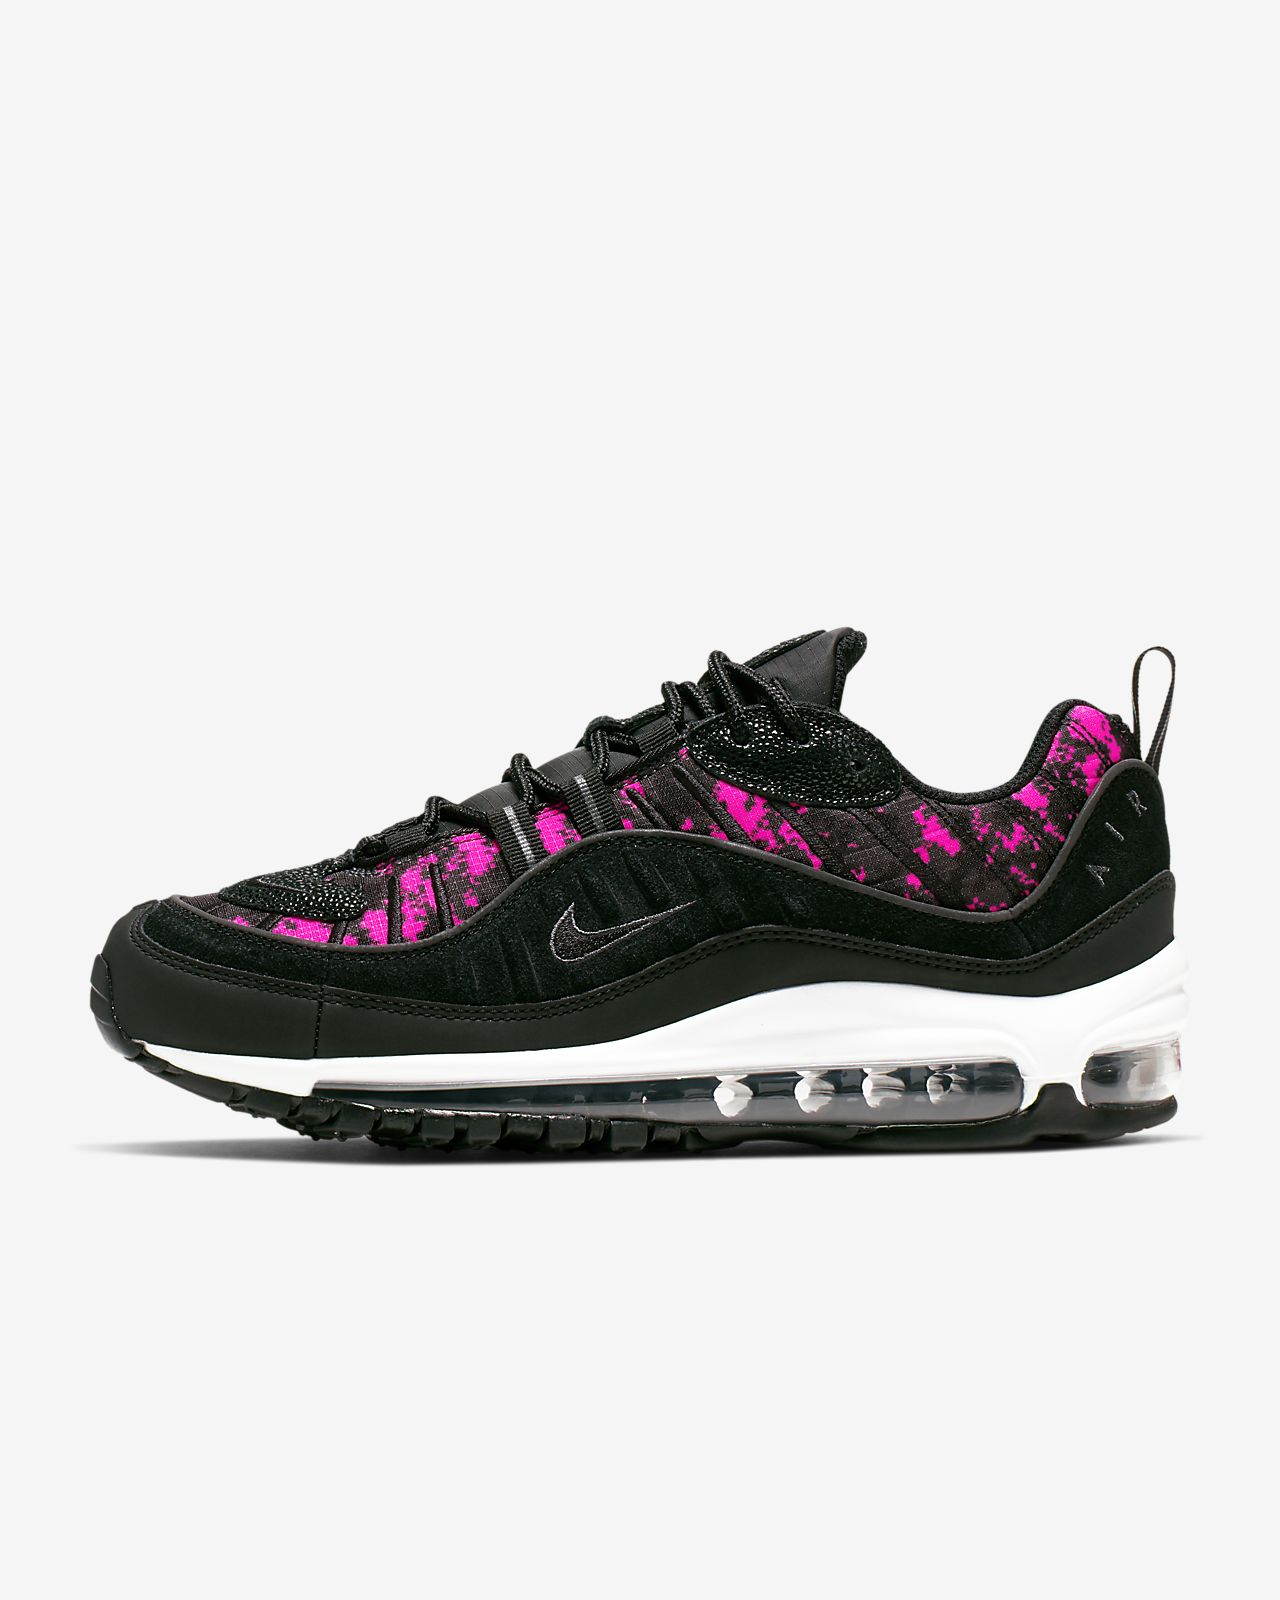 Nike Air Max 98 Premium Camo sko til dame